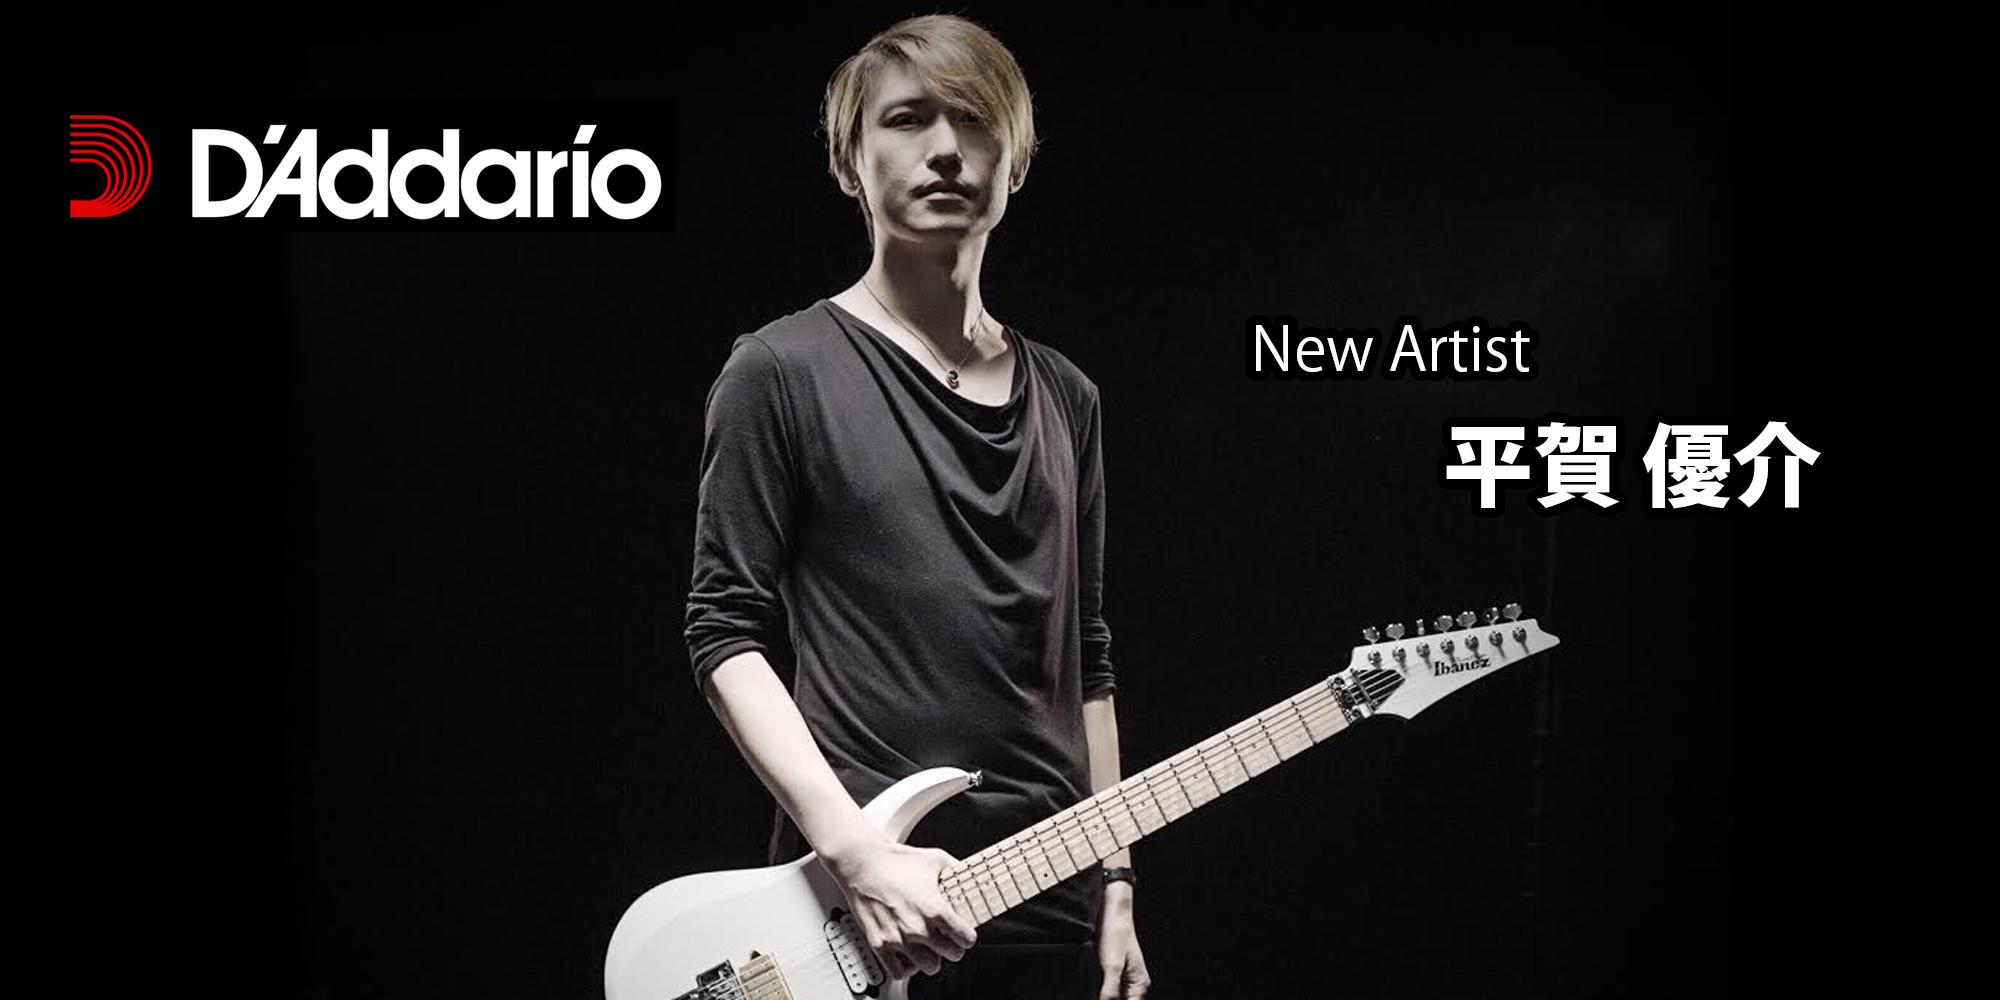 ギタリストの平賀優介さんがD'Addarioアーティストに加わりました!